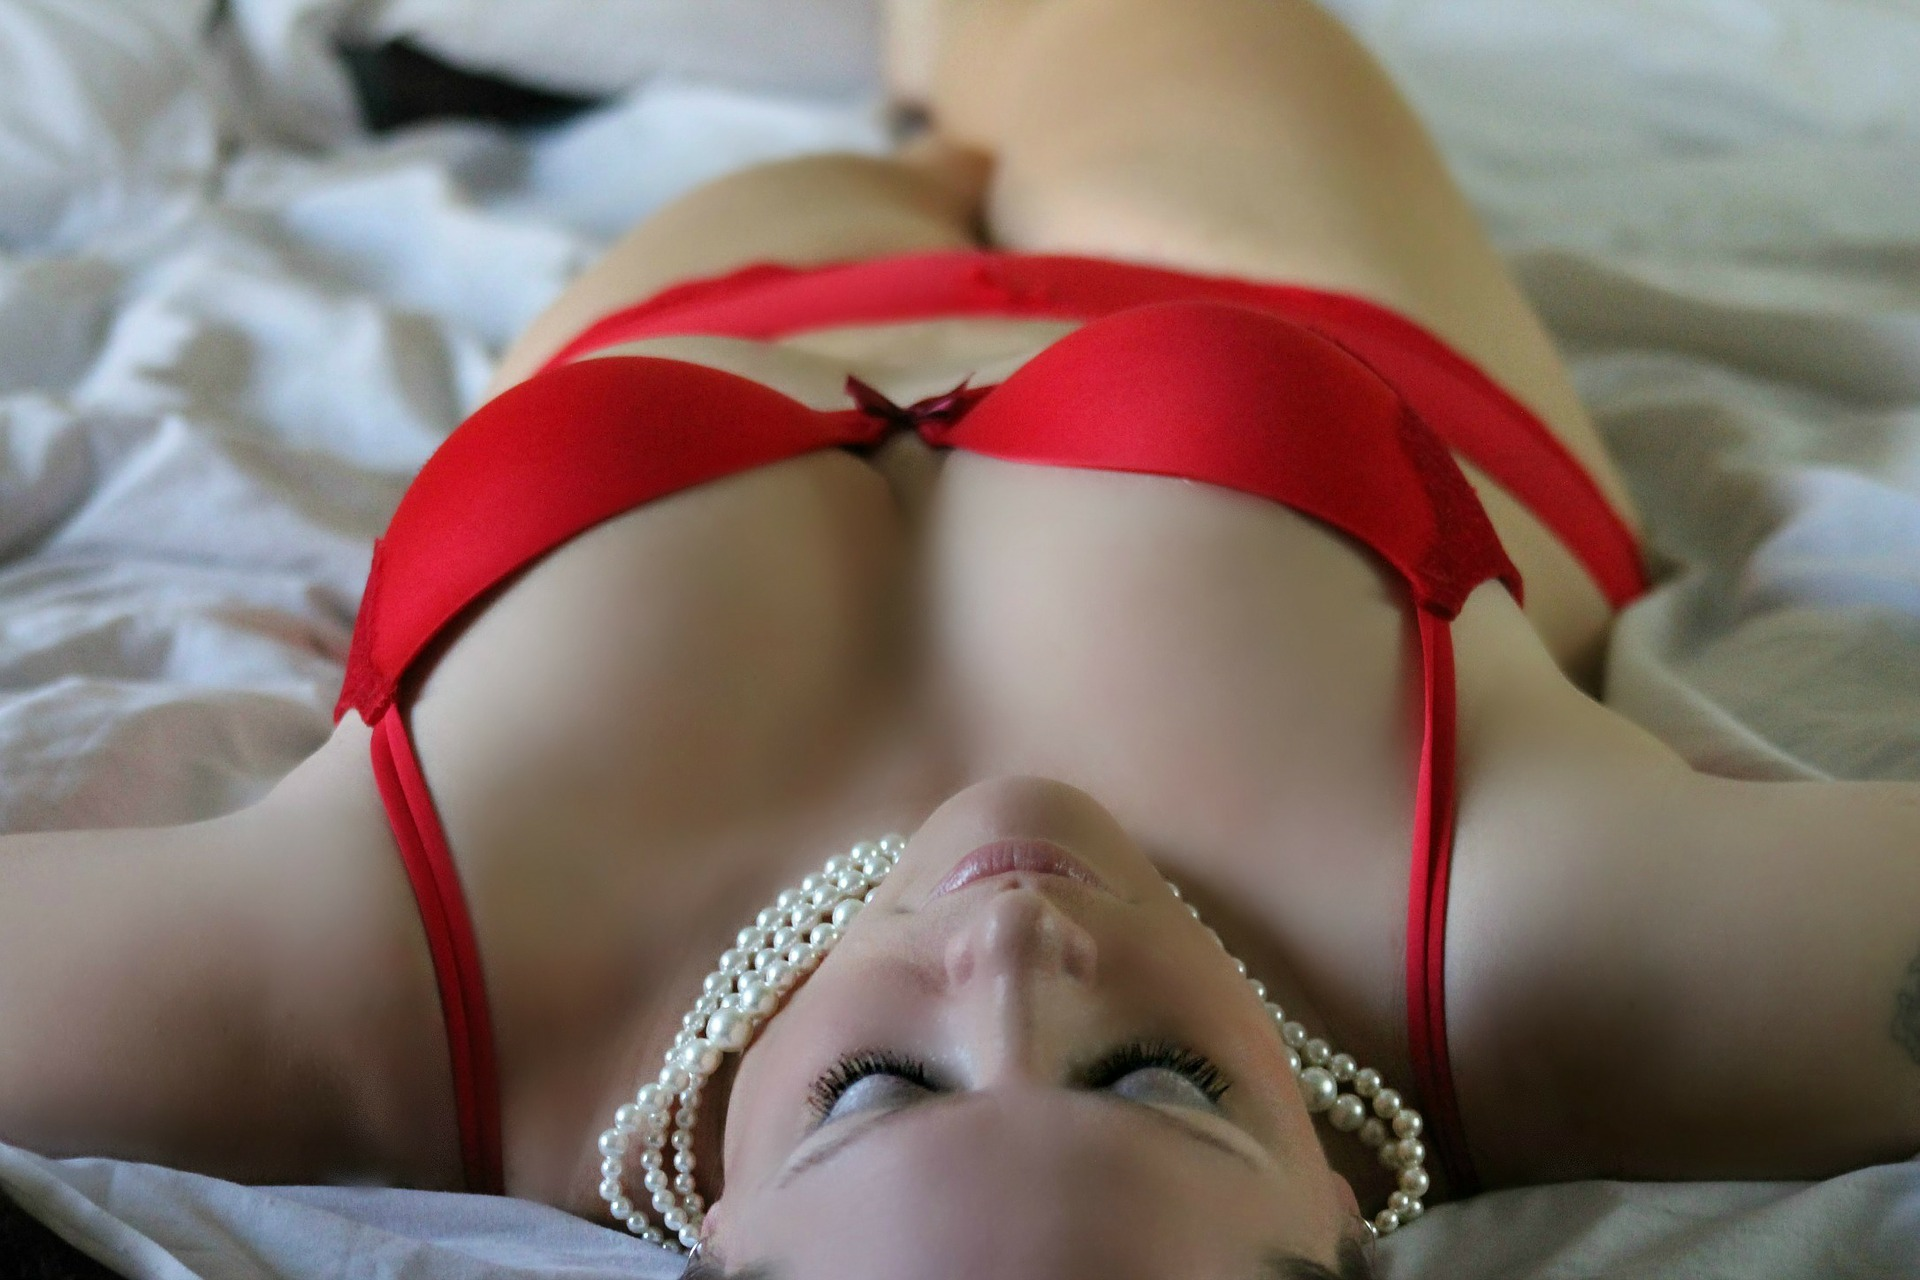 Choisir LA COULEUR de lingerie qui saura vous mettre en valeur 3